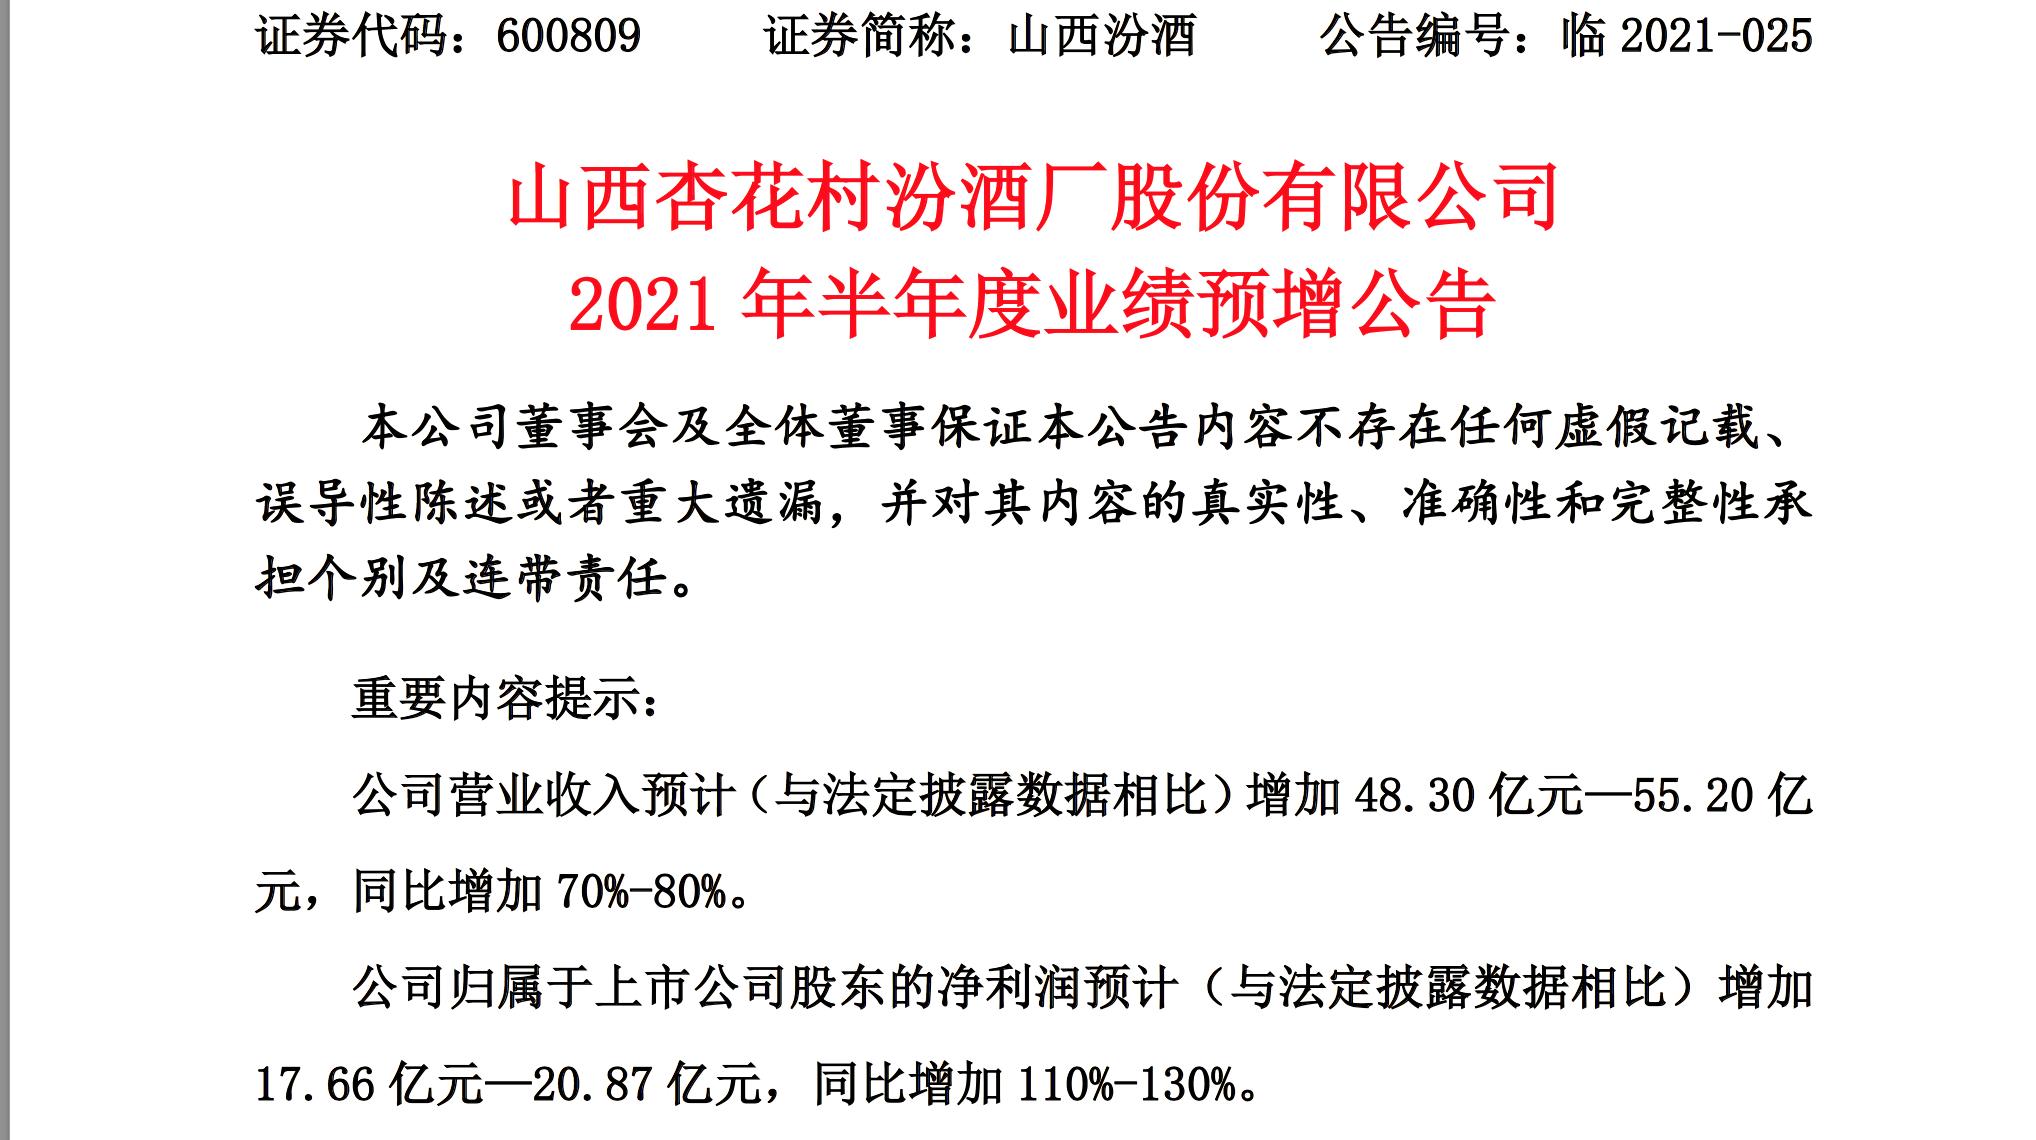 山西汾酒半年度业绩预告:净利润增超110% 终端网点已突破百万家